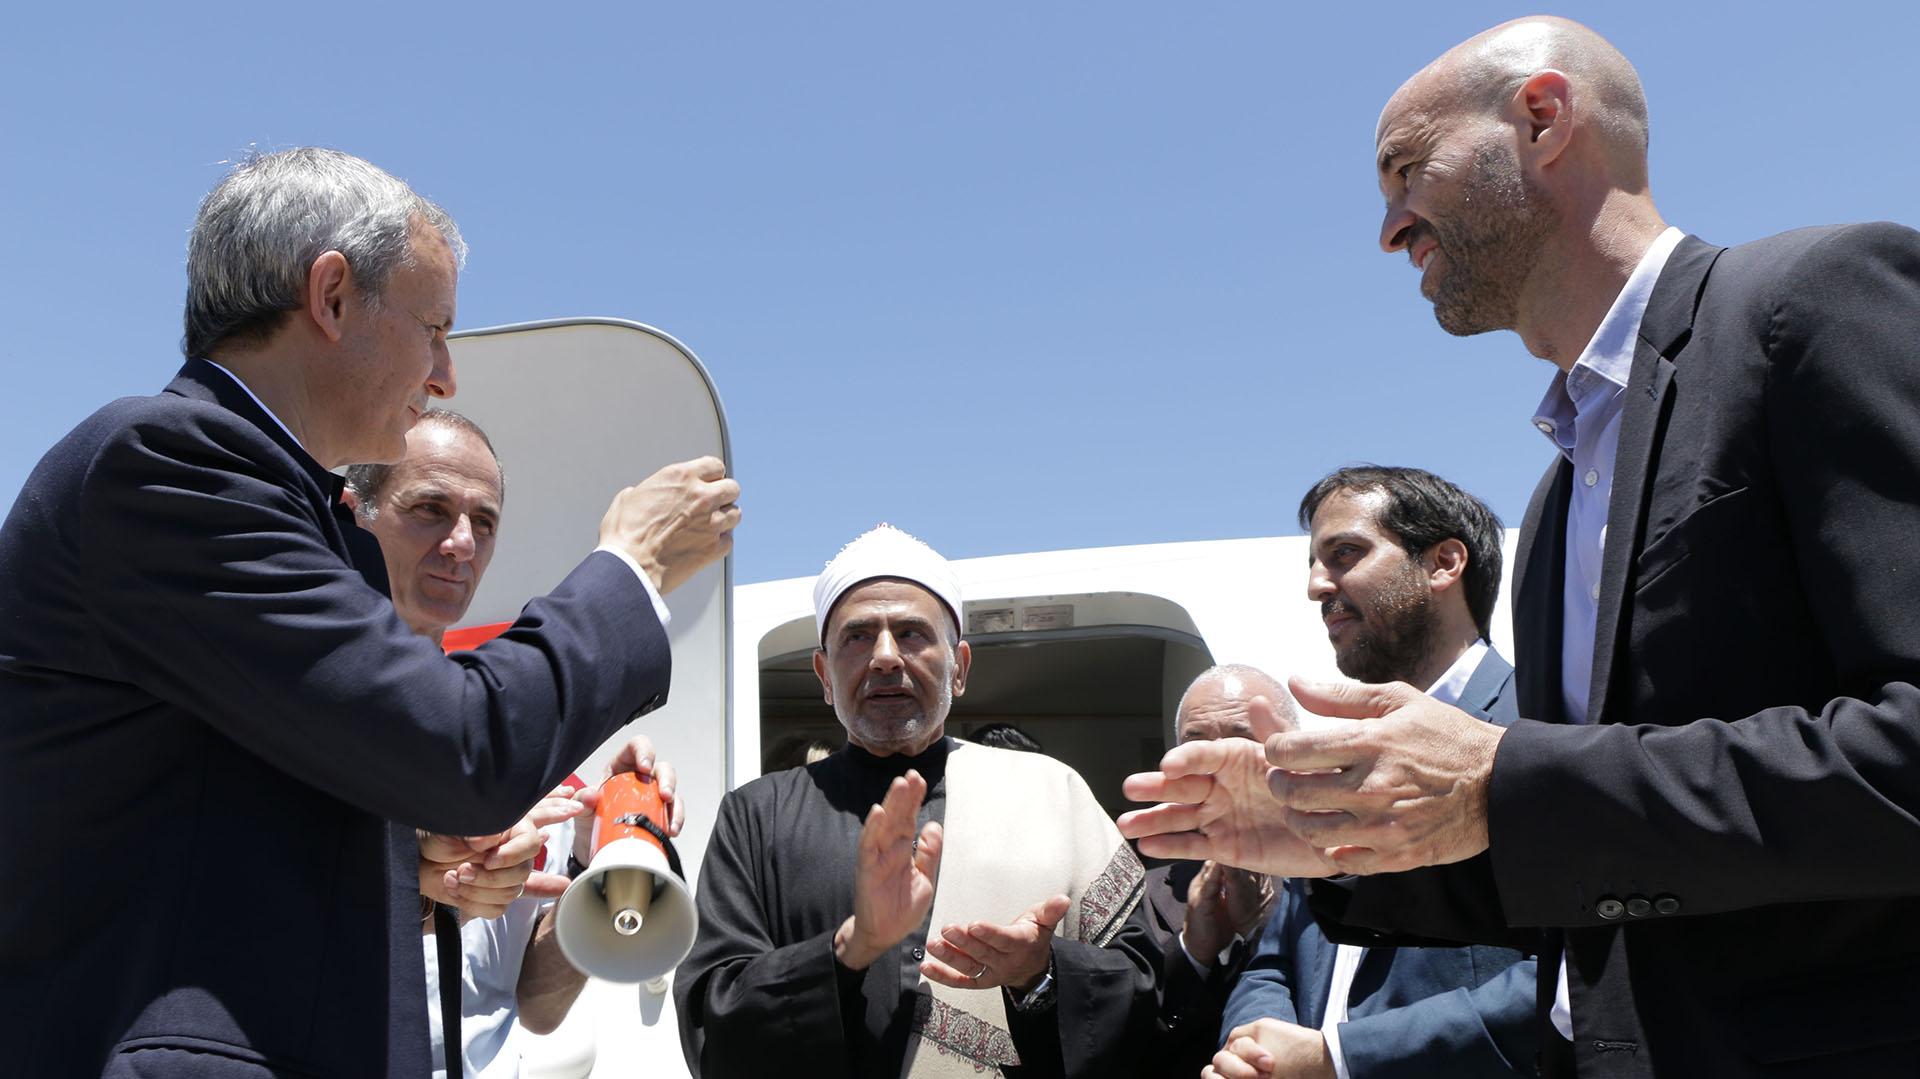 El nuevo avión -bajo contrato de leasing-recibió una triple bendición: un sacerdote, un rabino y un Imán se reunieron al pie de la puerta delantera del avión